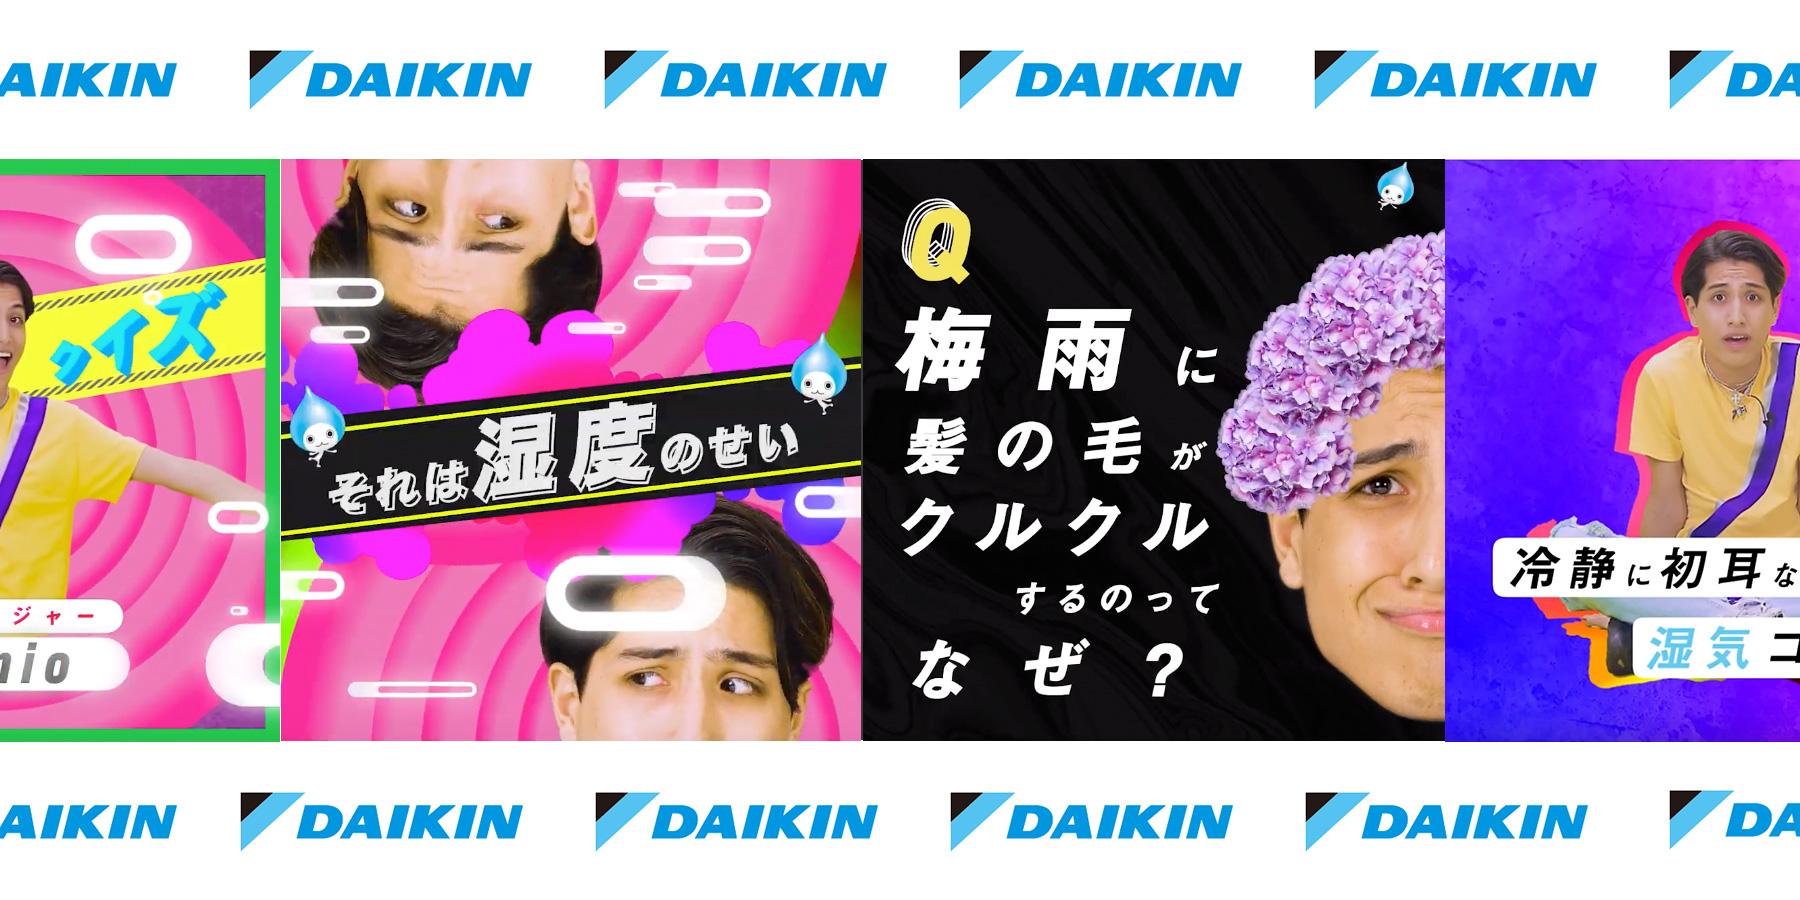 DAIKIN「#ぴちょんクイズ」